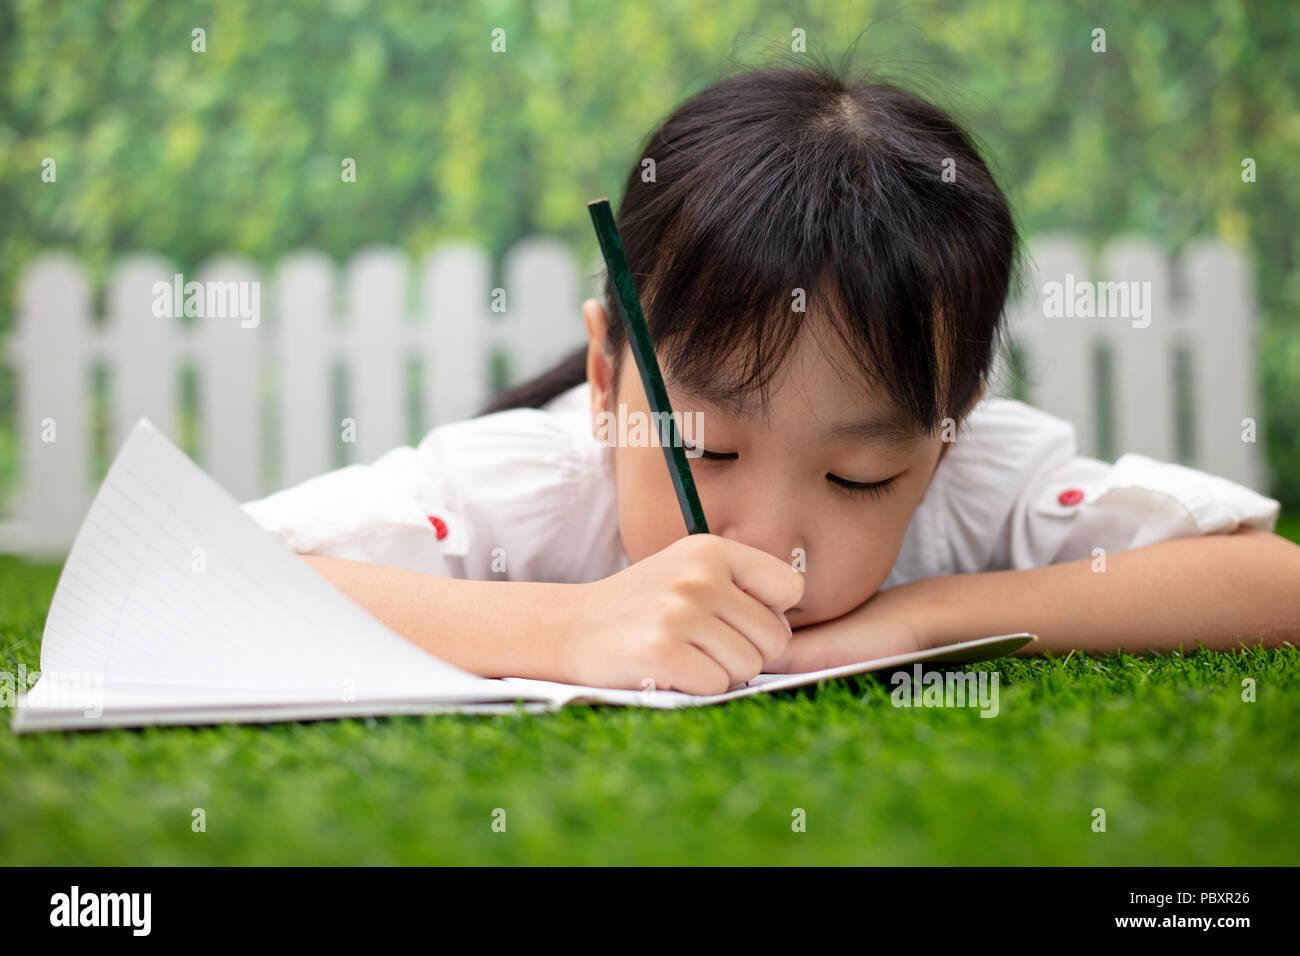 Niña China Asia arrodillado en el césped y hacer los deberes en el parque al aire libre Imagen De Stock